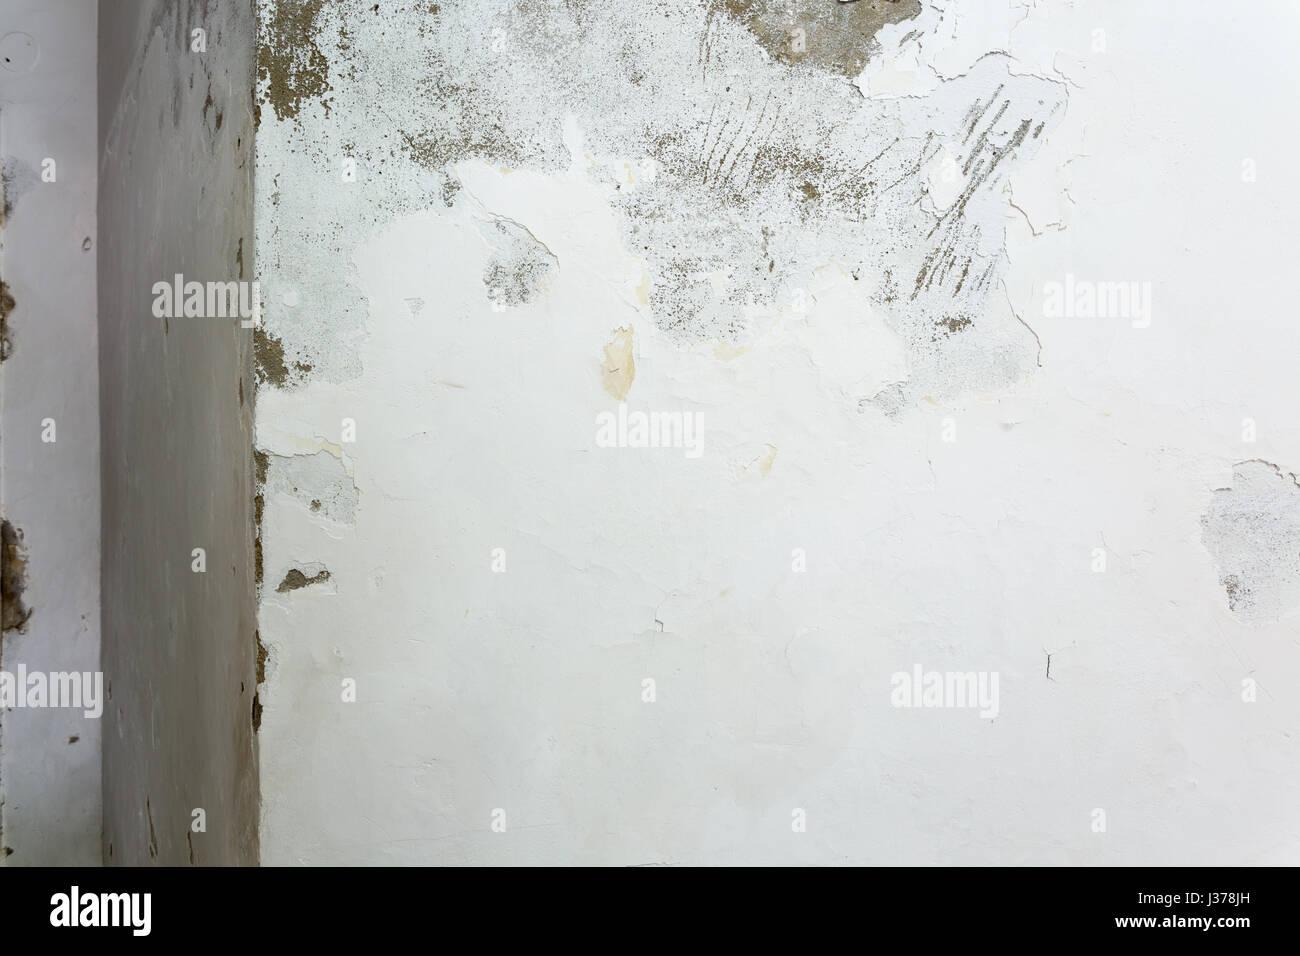 Delightful Peeling Und Abplatzungen Malen Durch Aufsteigende Feuchtigkeit An Innenwand